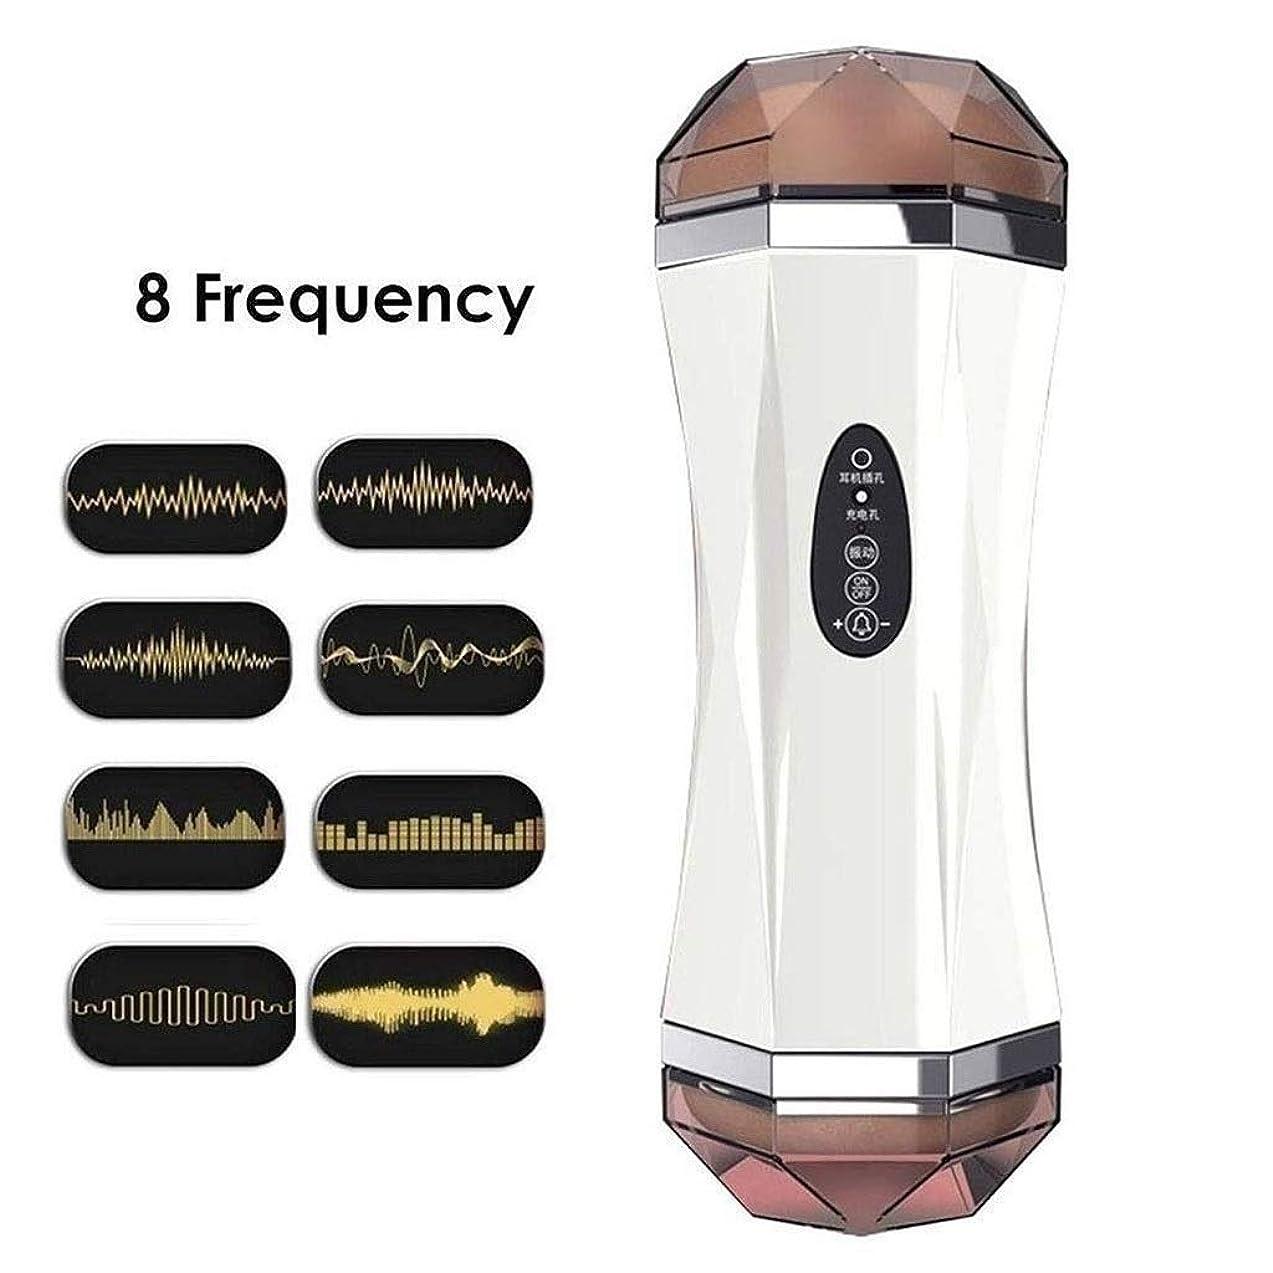 告白エラー驚かす男性USB充電式インテリジェントハンズフリーオートオーラルカップ誘発ディープスロート自動吸いマッサージャーTシャツを吸います